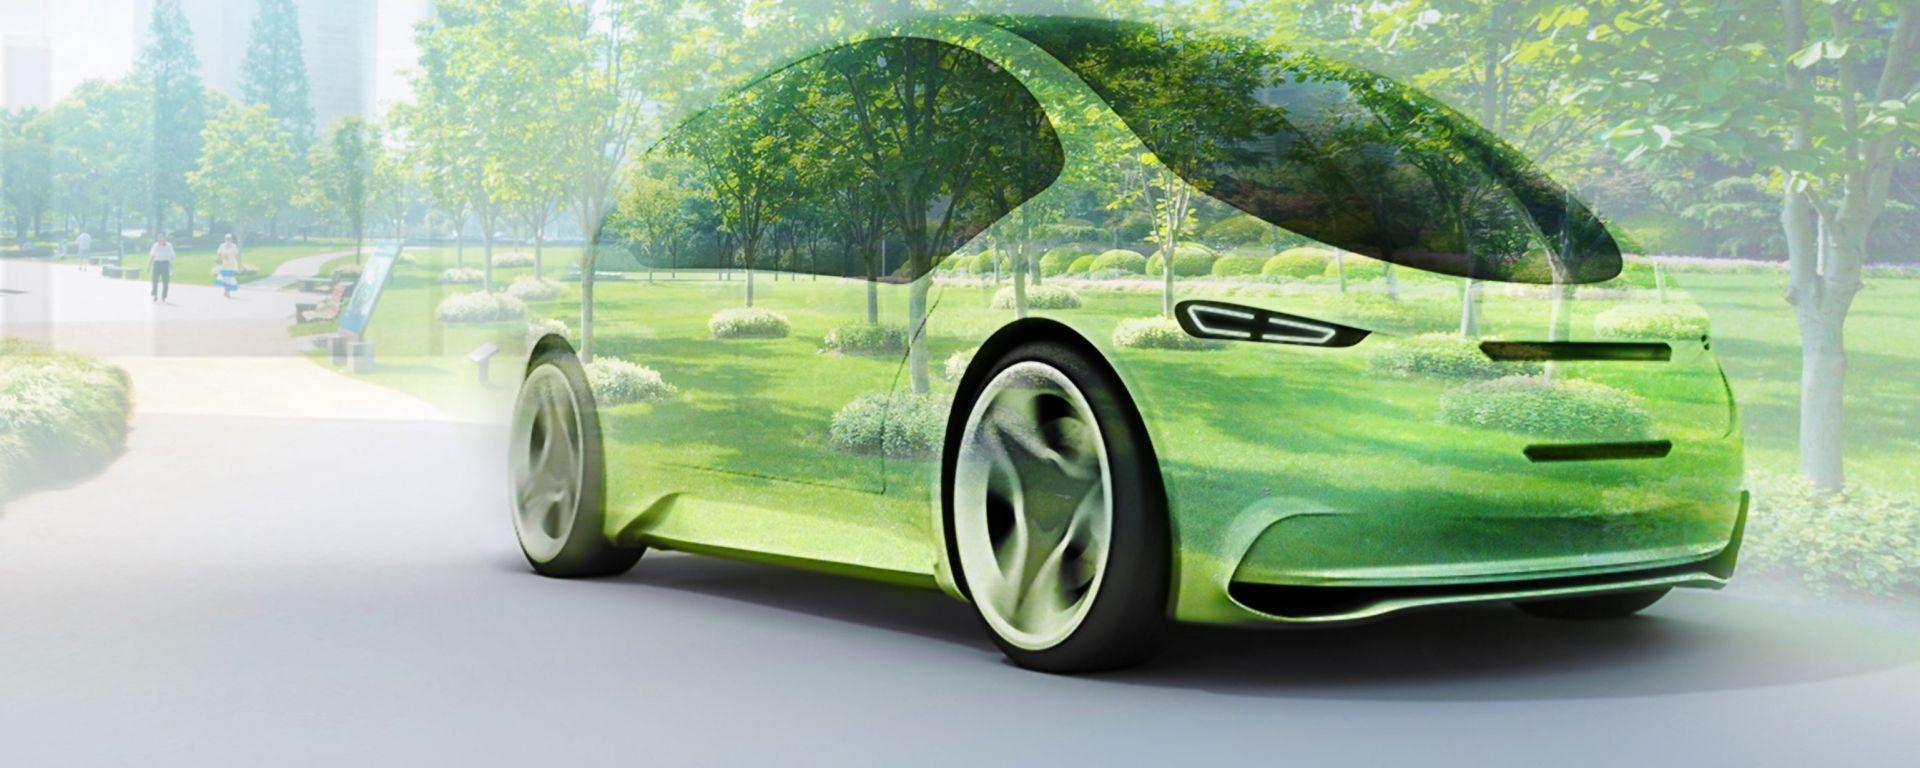 Mobilità sostenibile: la ricerca di Bosch